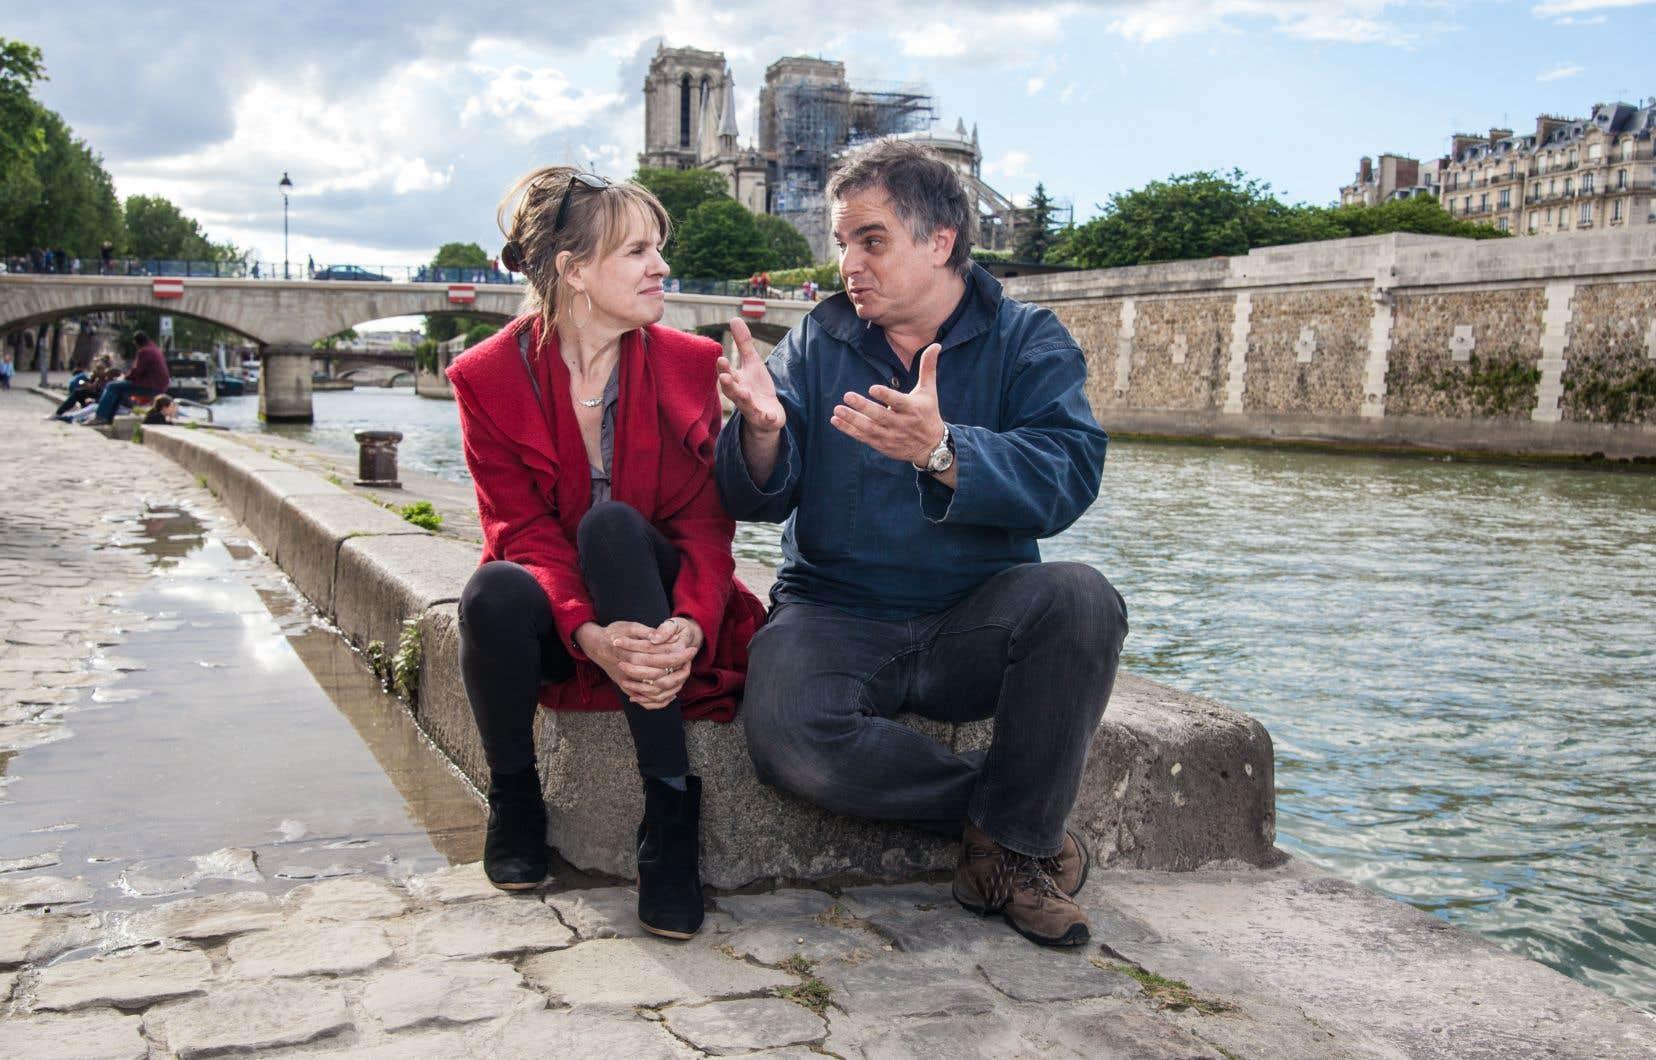 L'écrivain Alexandre Jardin passe aux aveux et renaît de ses cendres, comme la cathédrale Notre-Dame de Paris en arrière-plan. Ici, en confidences avec Joblo sur les quais de la Seine.